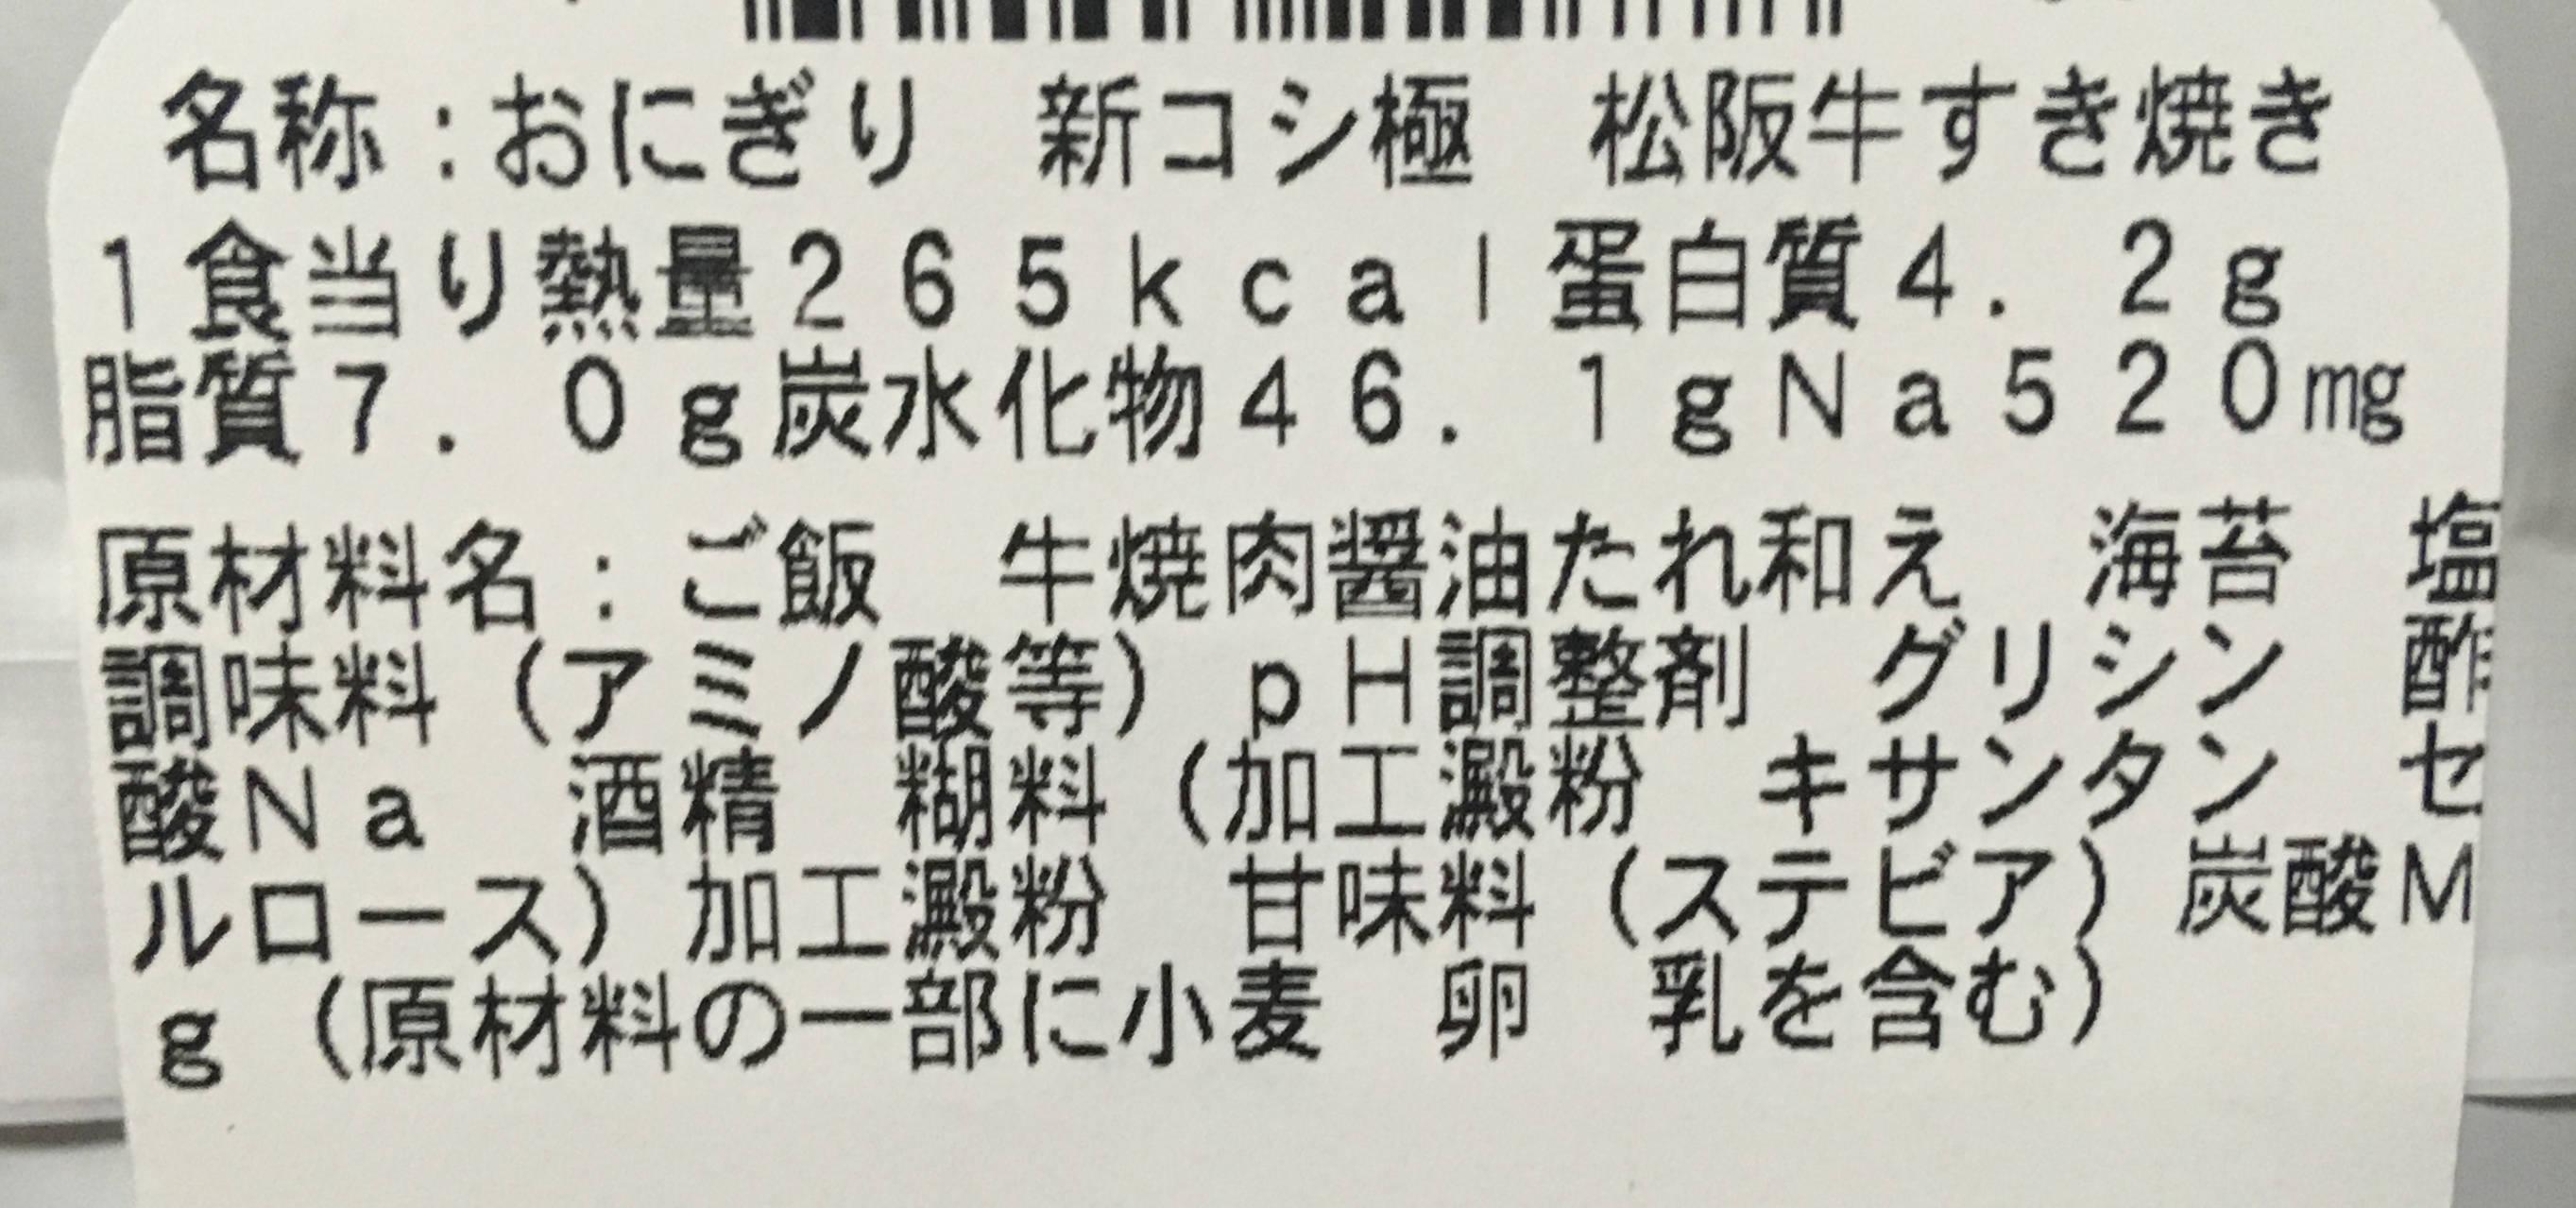 松坂牛すき焼き おにぎり|ローソン